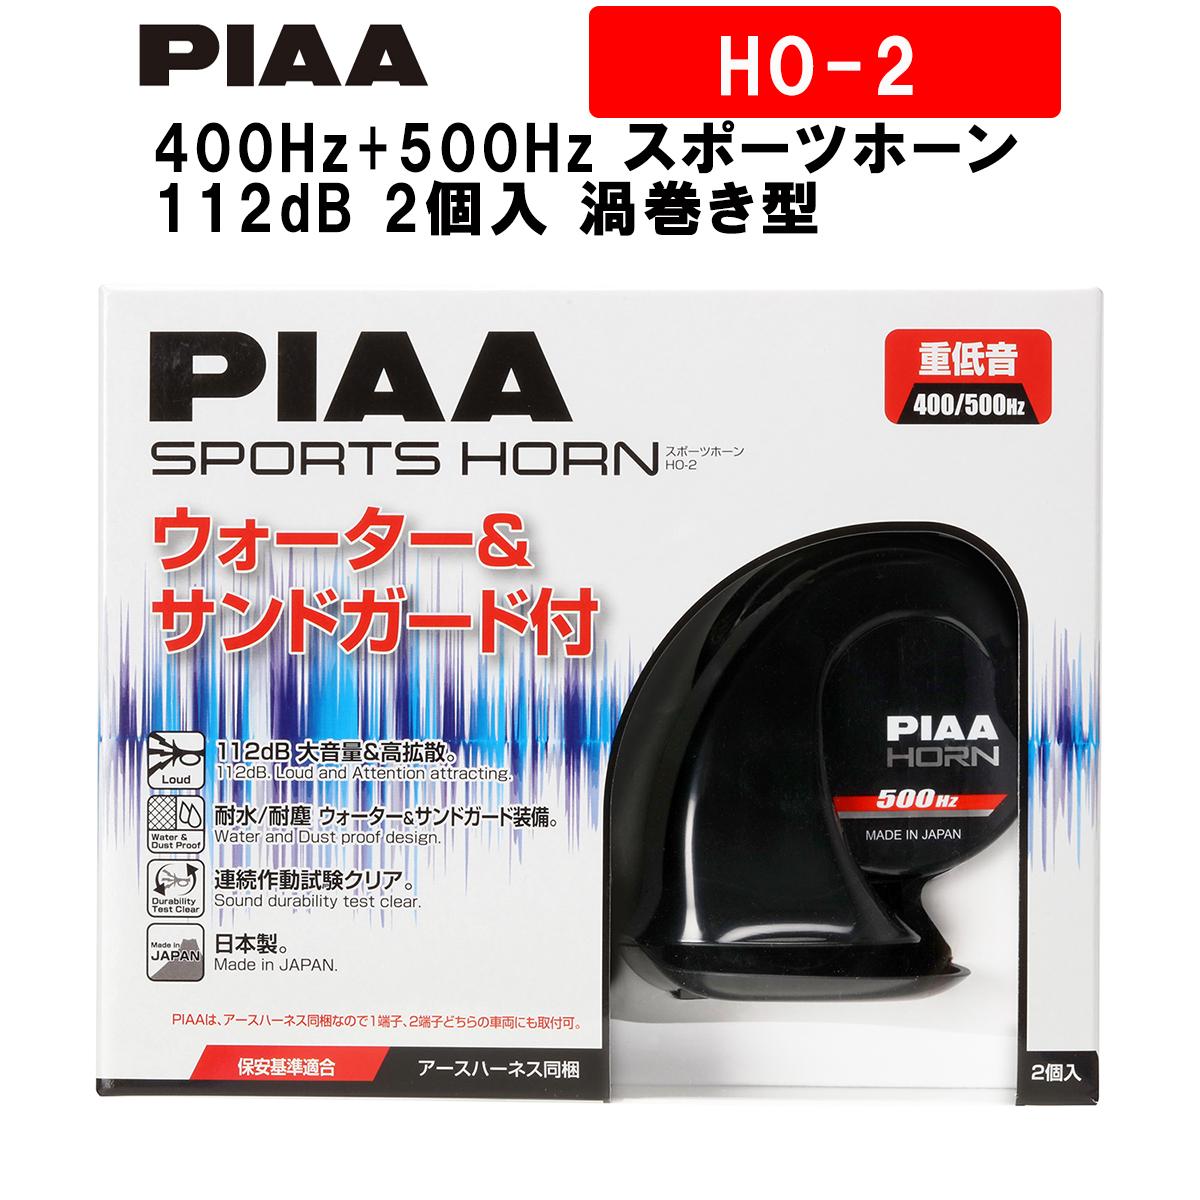 公式 スポーツホーン 重低音200 500Hz PIAA ホーン 400Hz+500Hz 車検対応 HO-2 112dB 2個入 渦巻き型 ピア 感謝価格